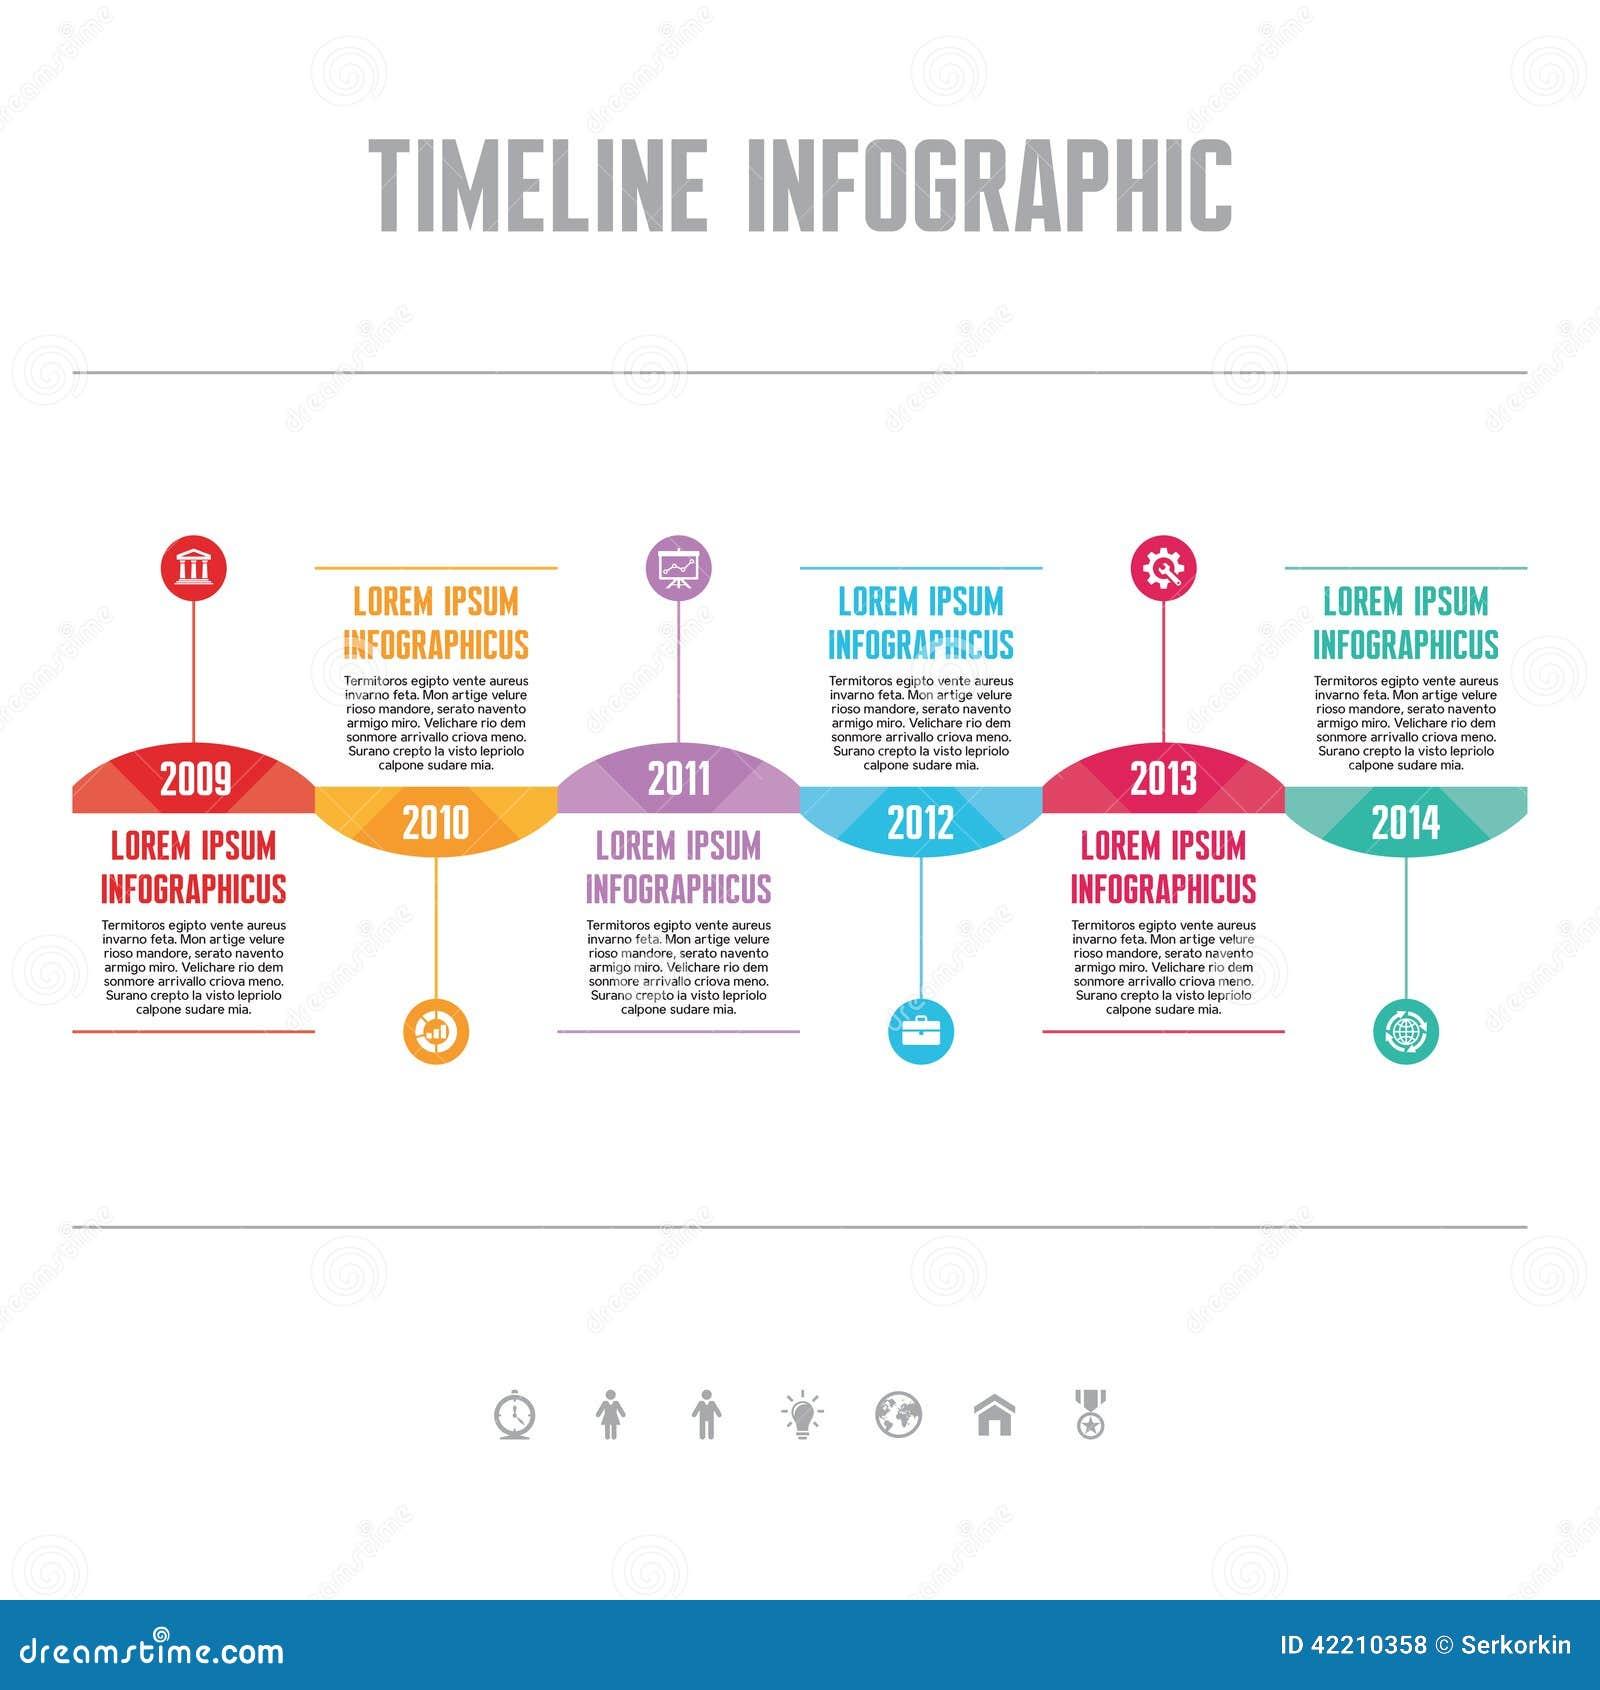 creative timeline school project ideas - Web Design Project Ideas